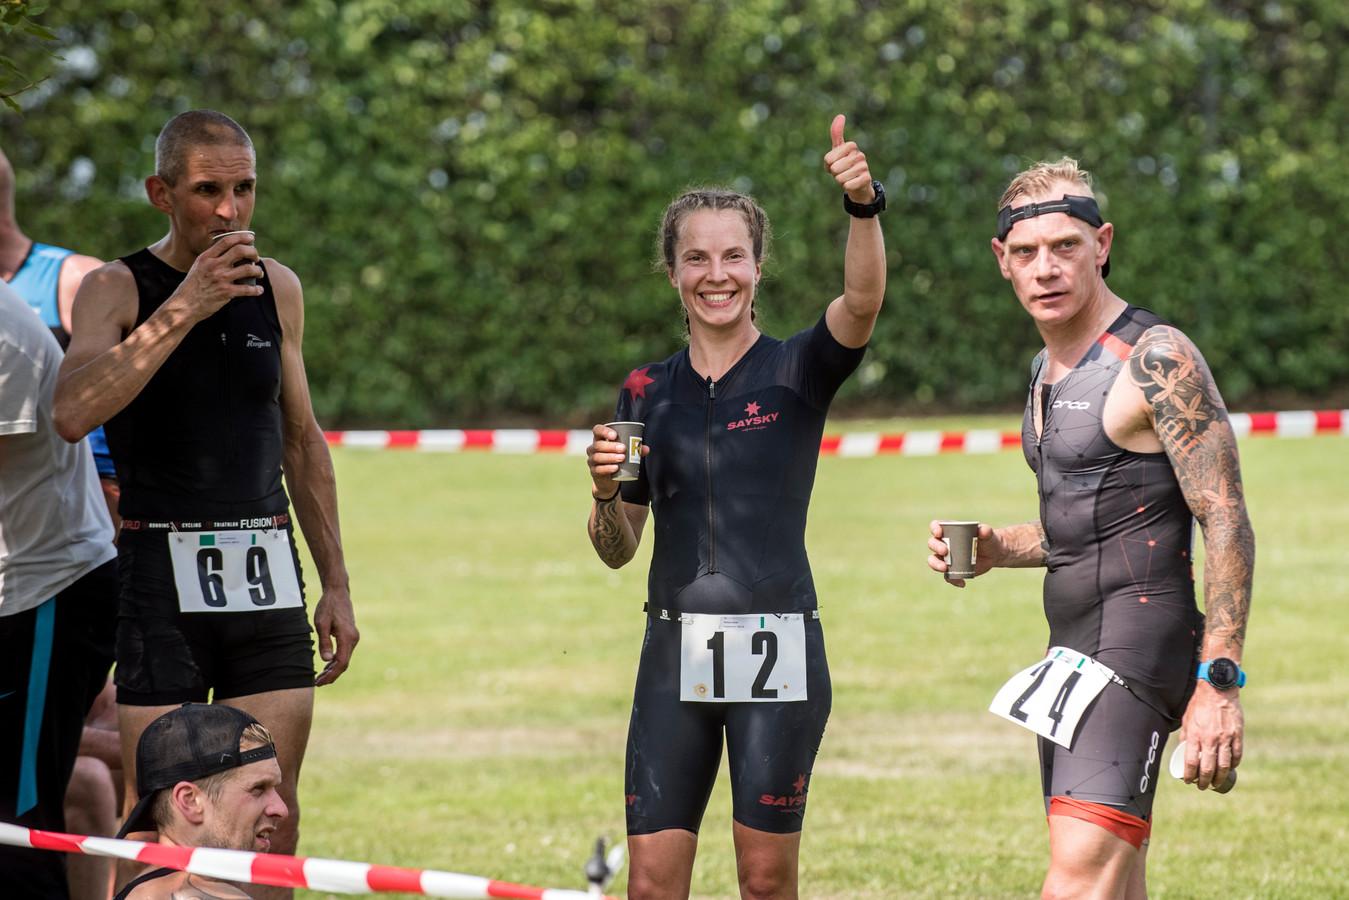 Nelleke Balde steekt haar duim op na haar winst in Wilhelminadorp. Rechts haar partner Dennis Heilbron.